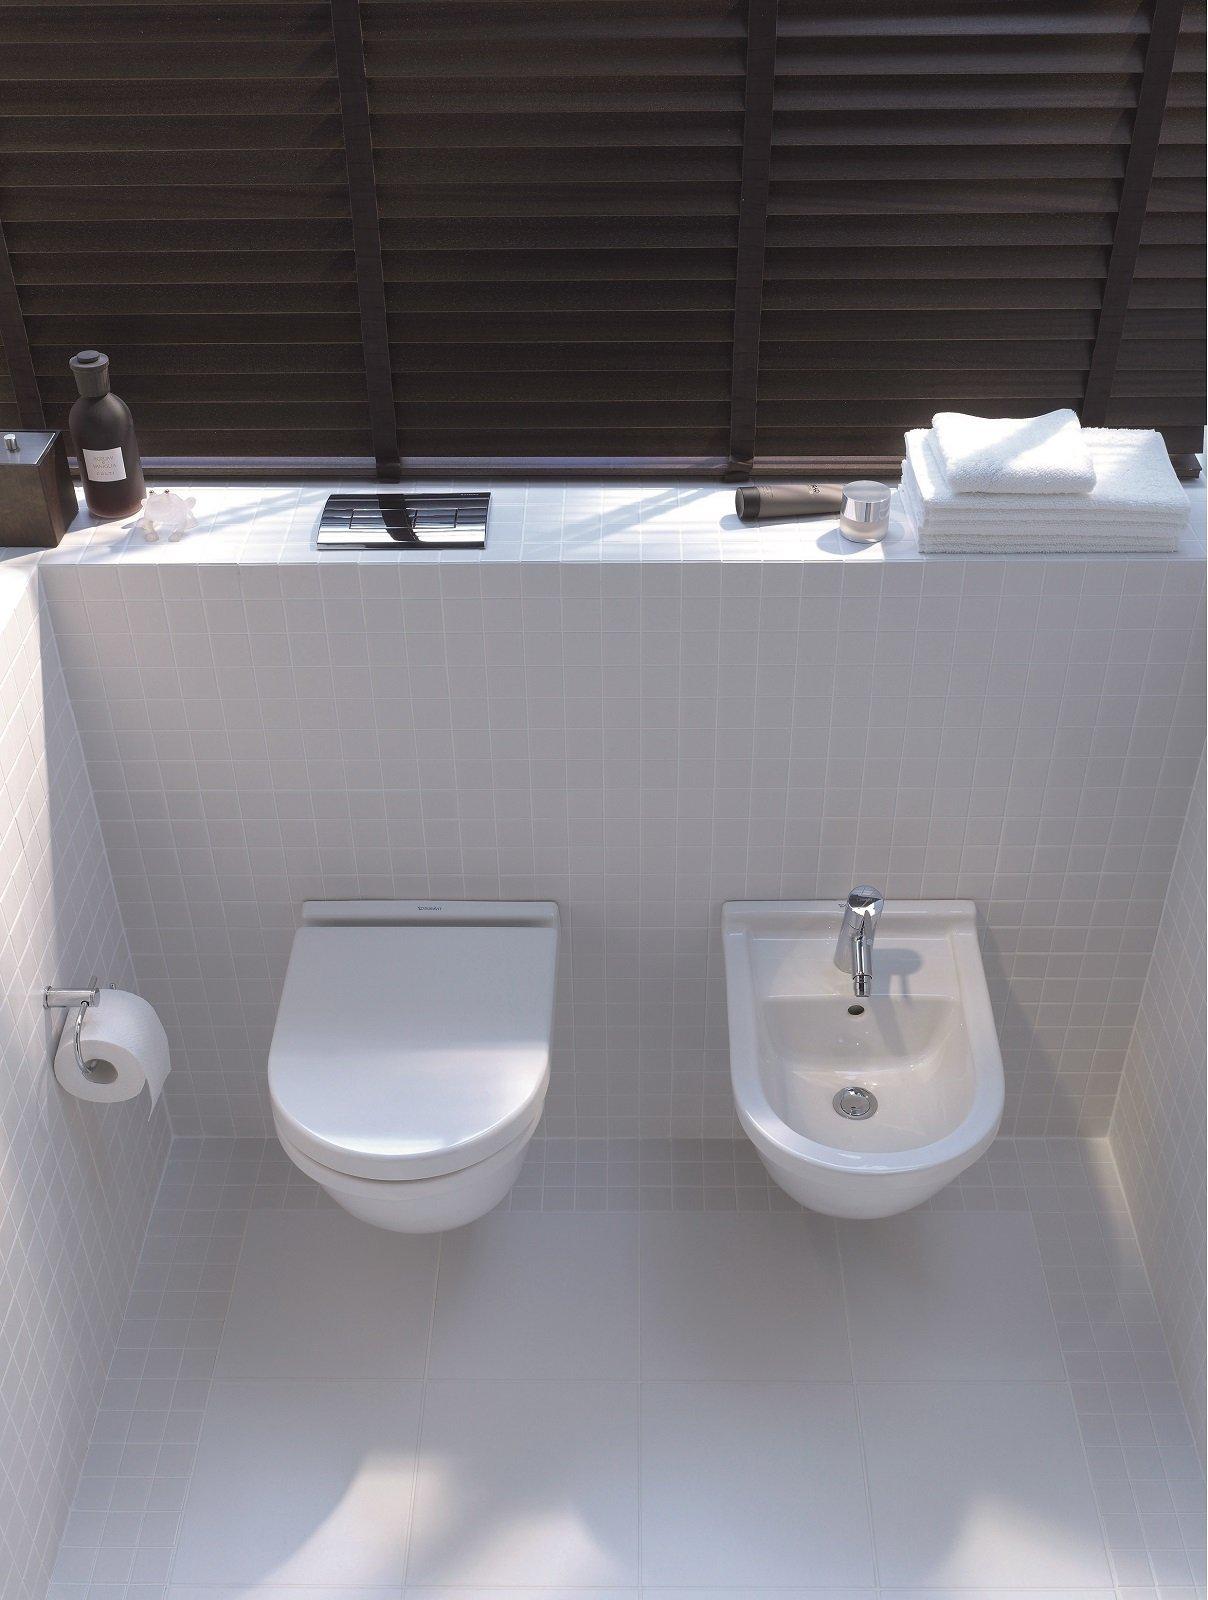 Eleganti vasi e bidet in stile minimal i sanitari salvaspazio - Dimensioni sanitari bagno piccoli ...